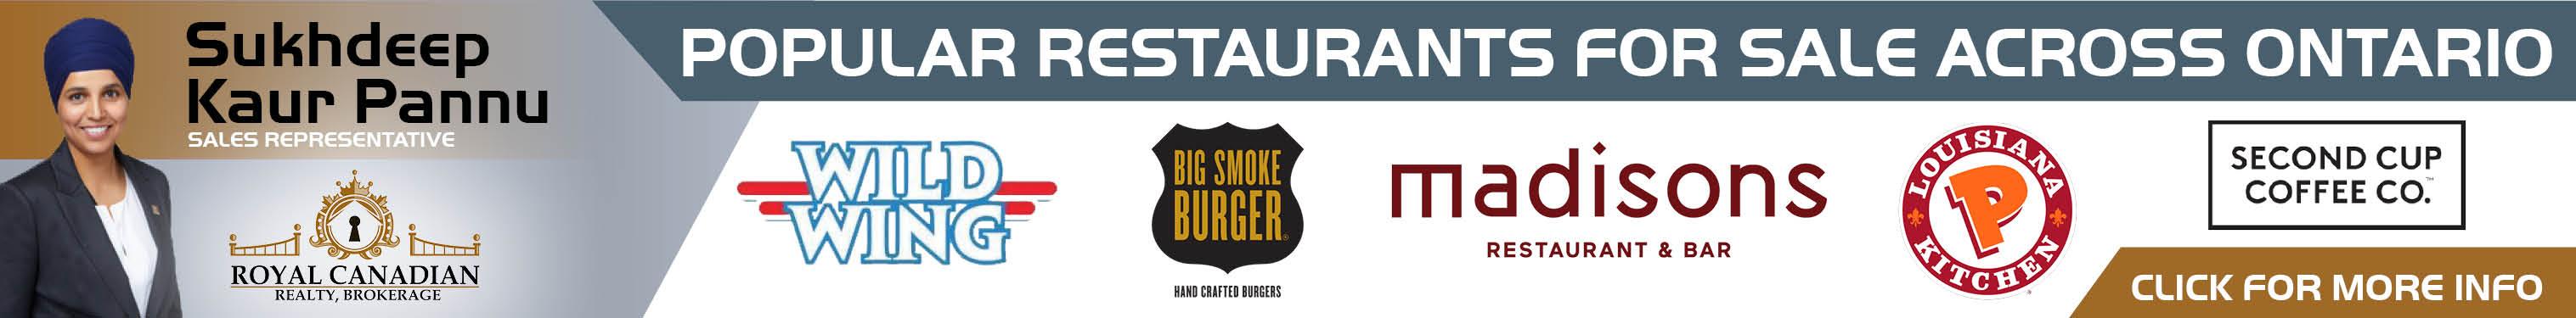 Popular Restaurants for Sale Across Ontario